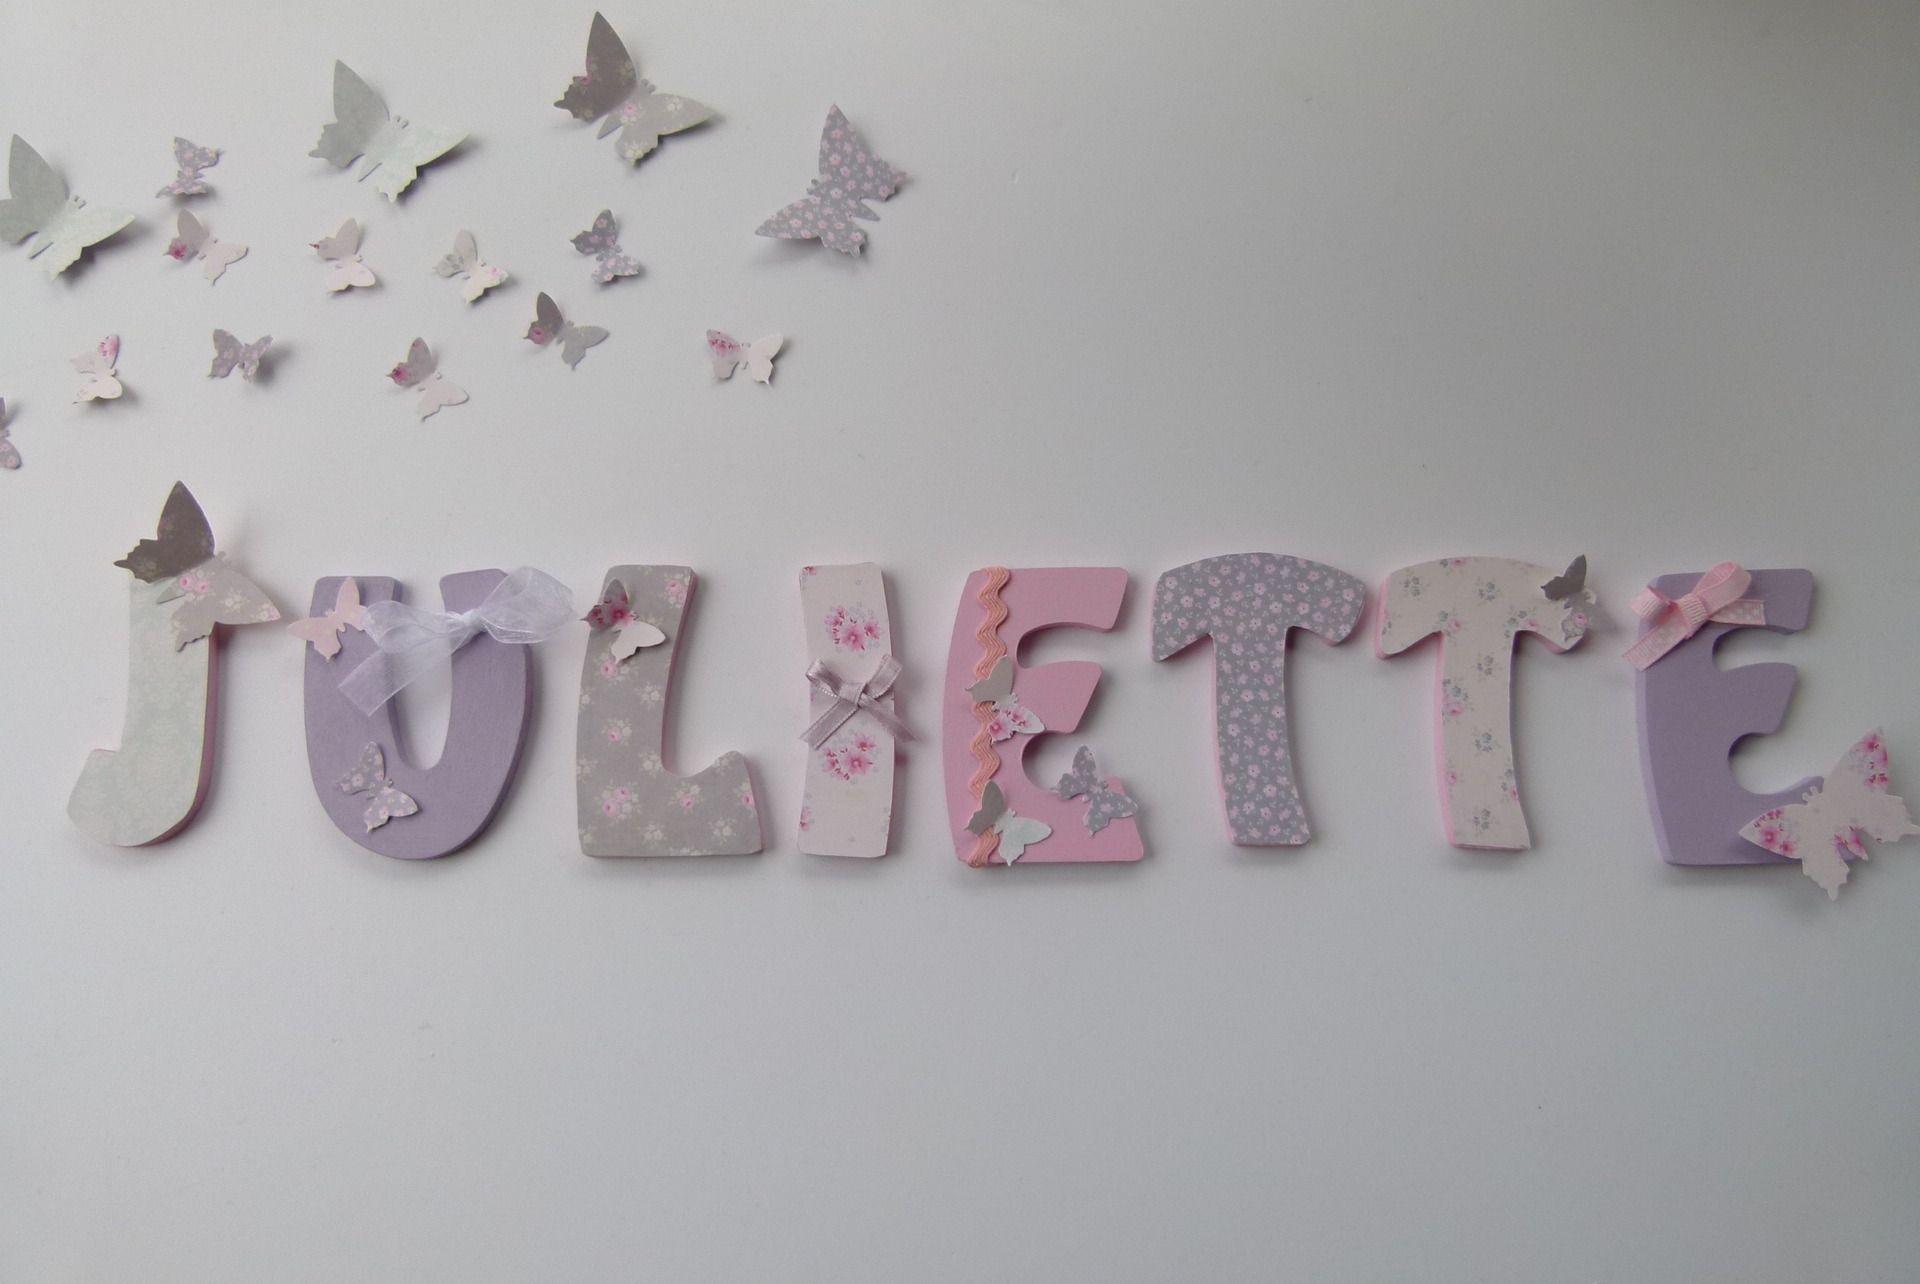 lettres prenom bois juliette imprime tilda sur commande d coration pour enfants par joli mai. Black Bedroom Furniture Sets. Home Design Ideas